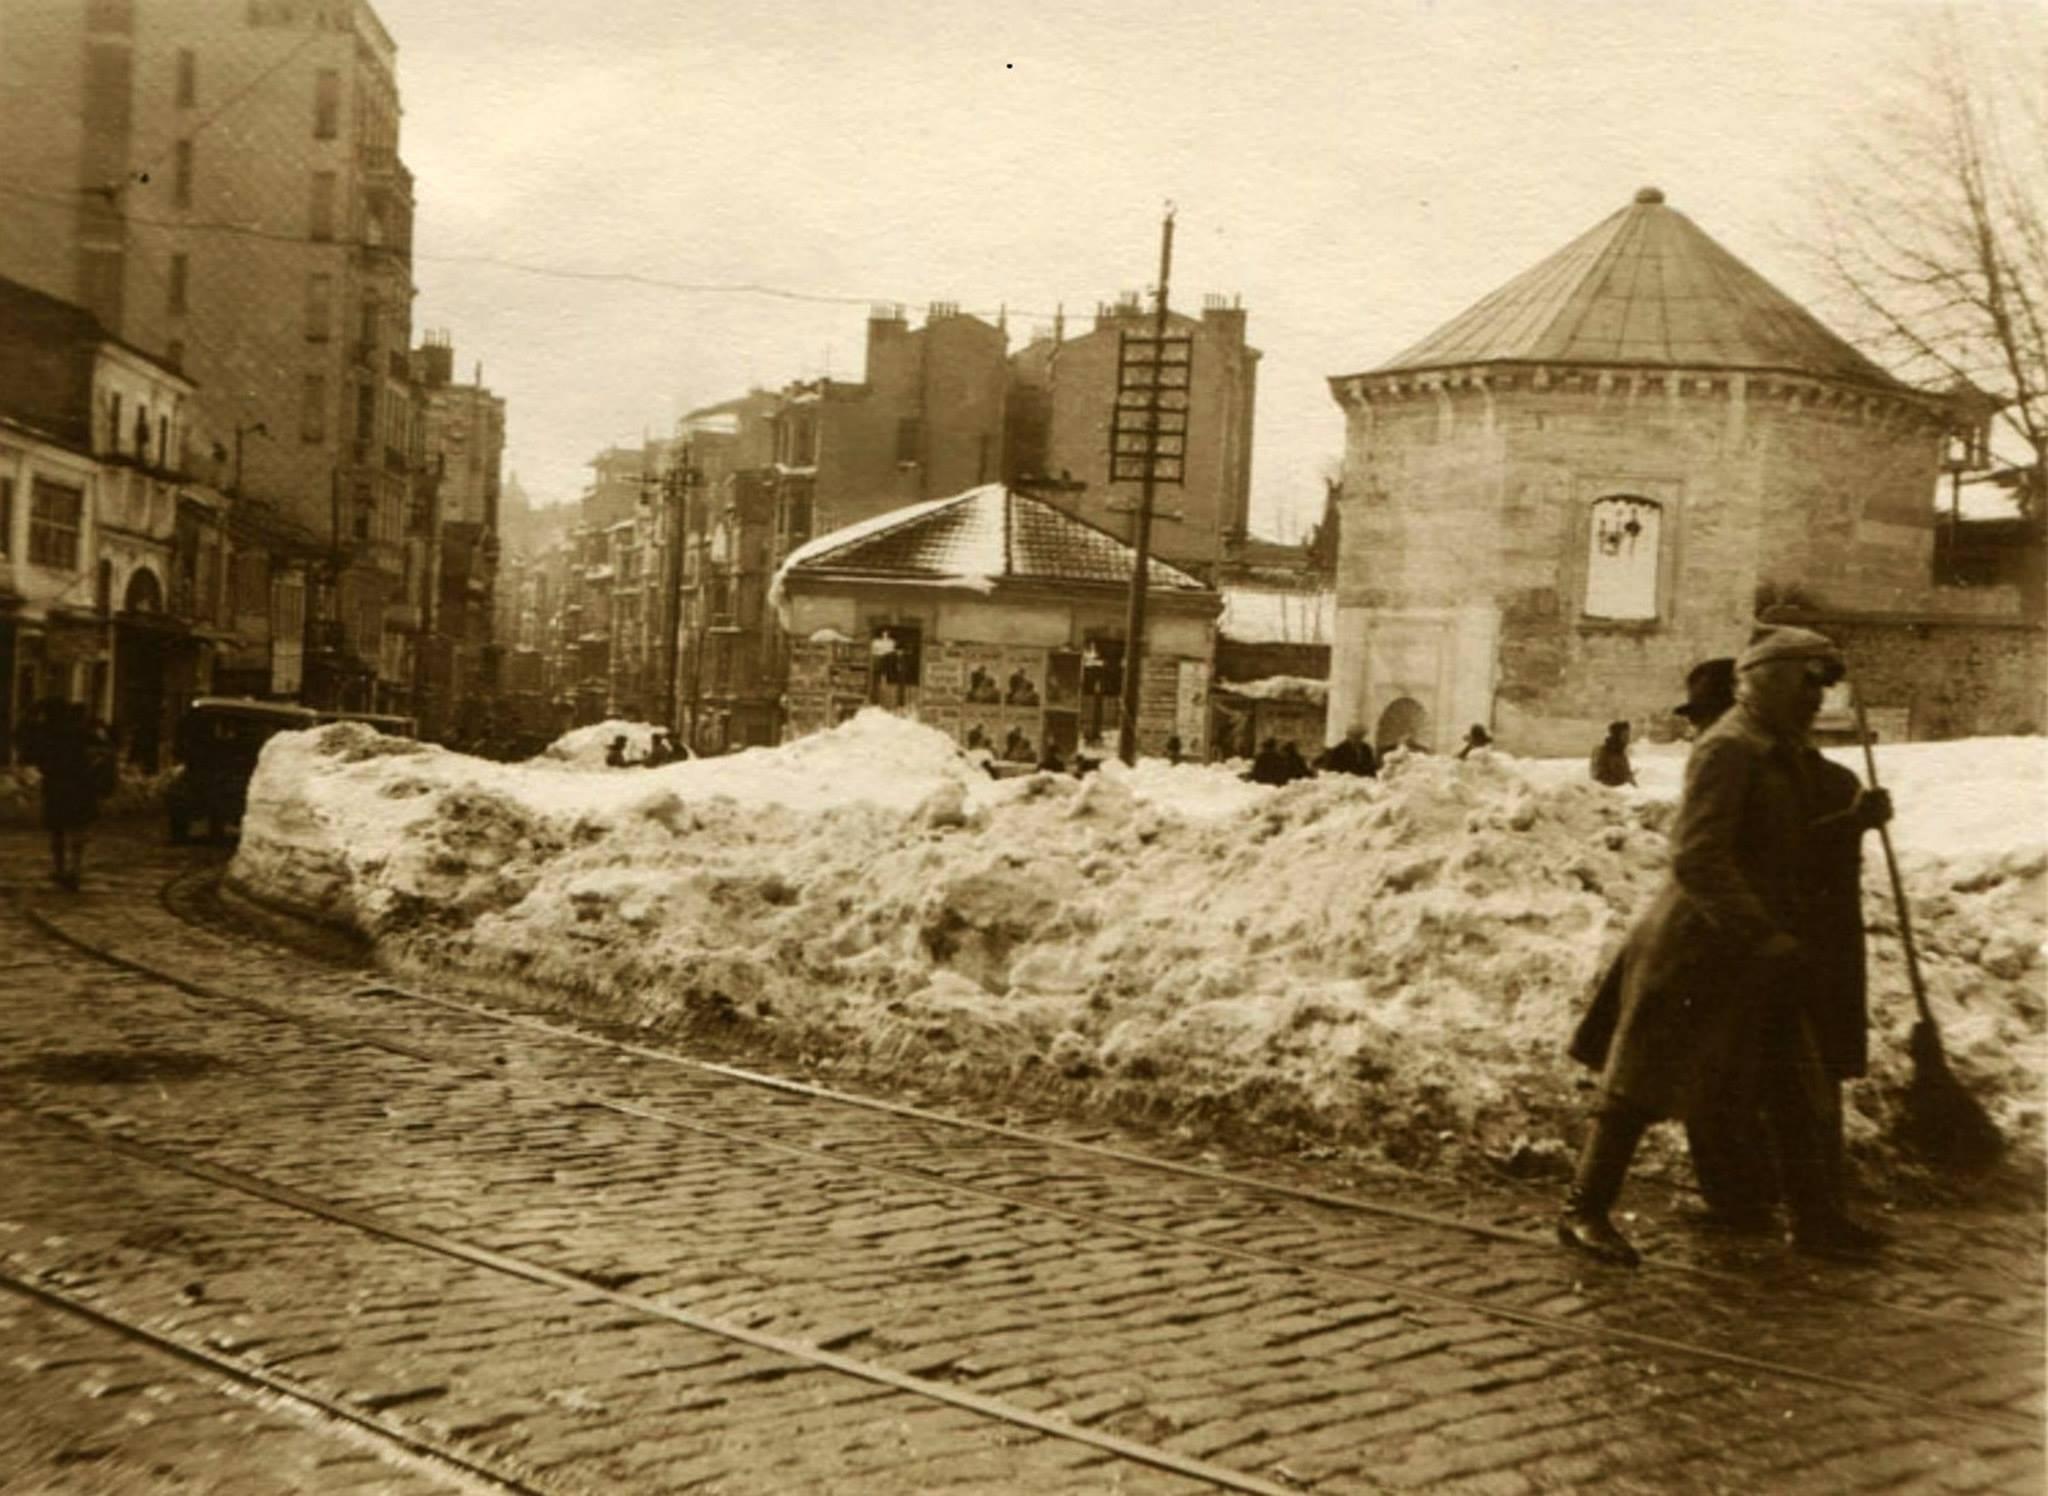 ŞİDDETLİ KAR YAĞIŞI Taksim Meydanı'ndan İstiklal Caddesi'ne girişte kar kümeleri o yıl aşırı kar yağışının halatı olumsuz etkilediğinin bir göstergesi.